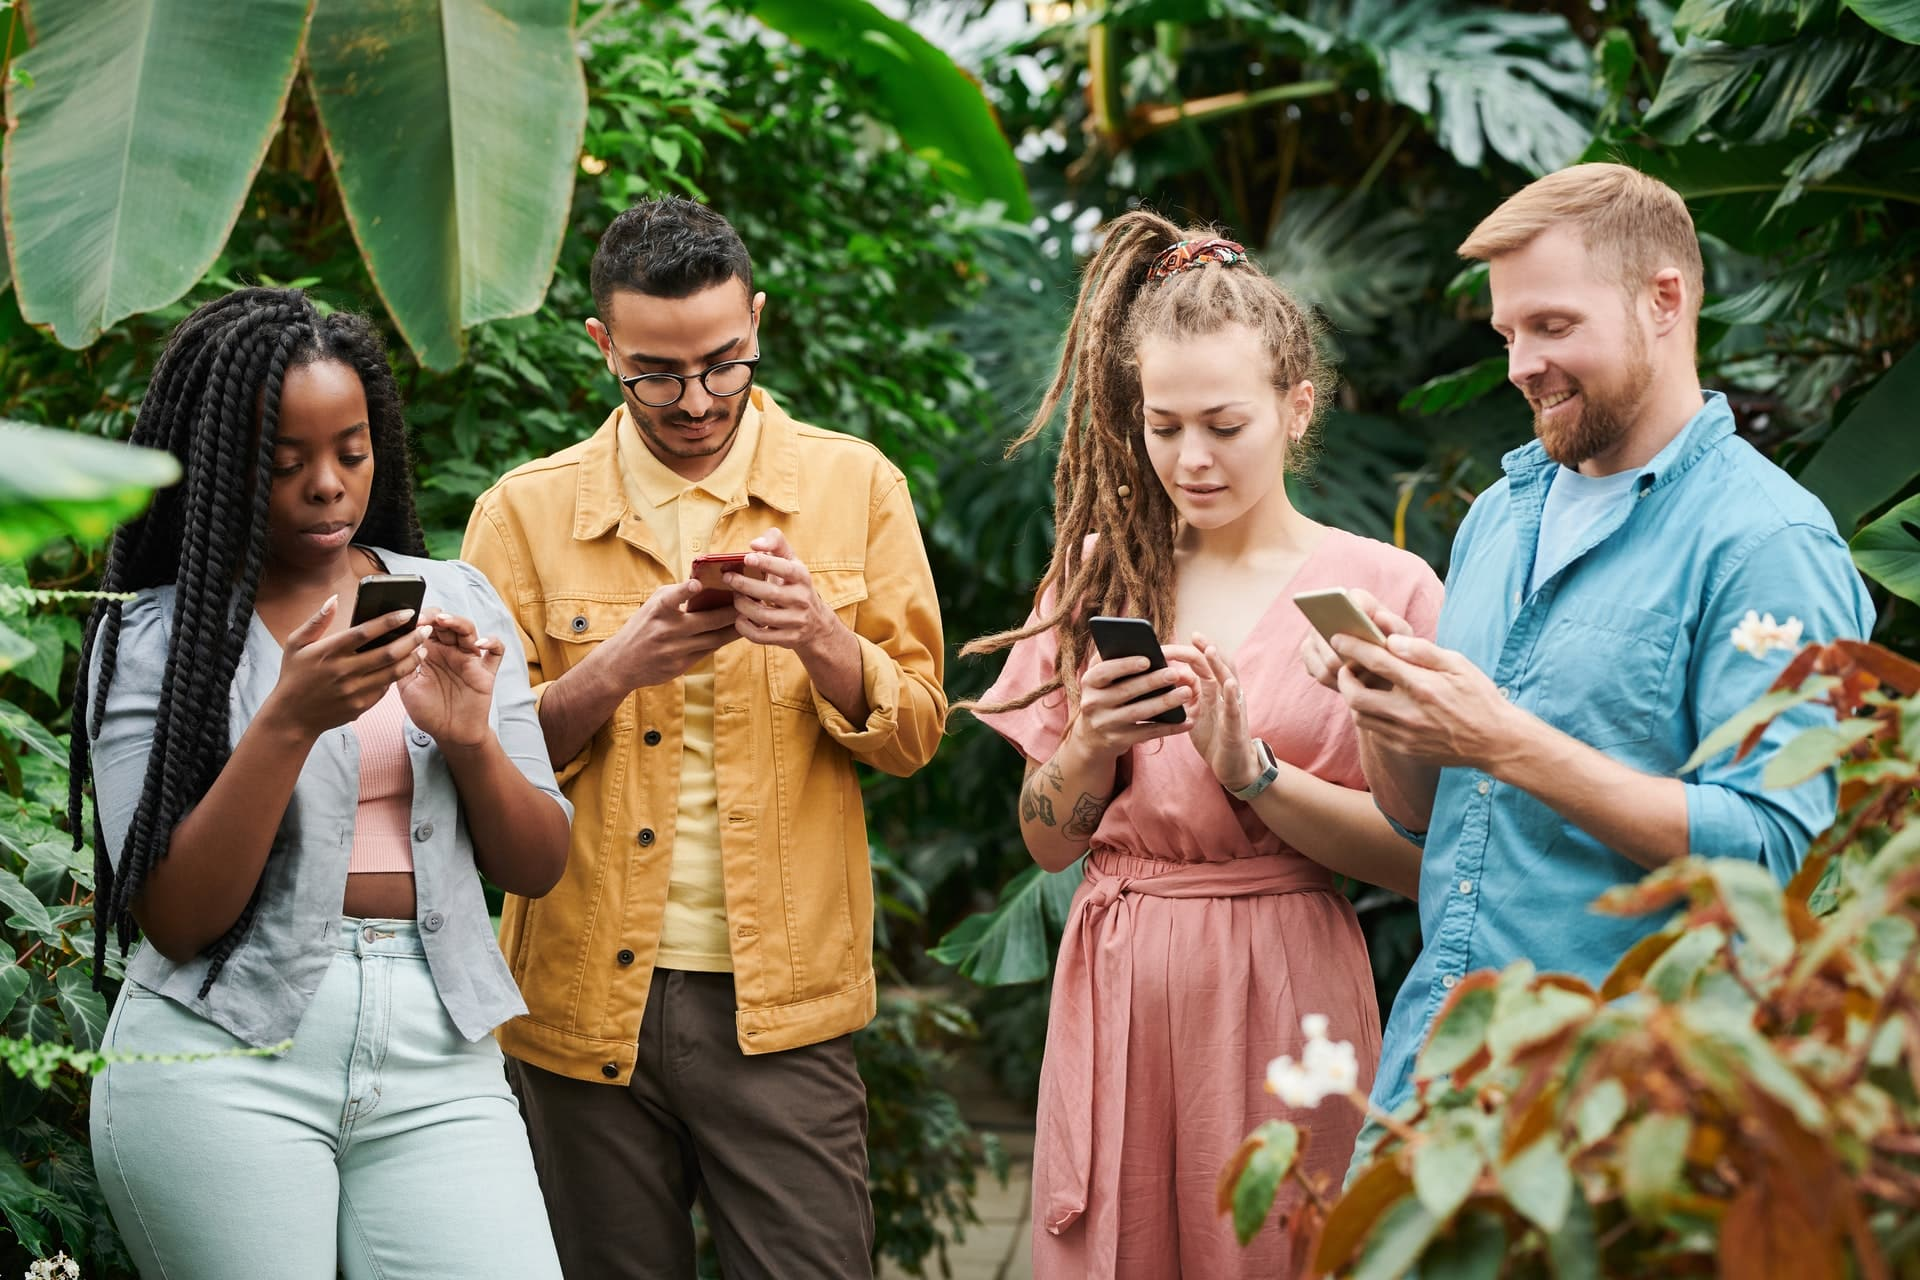 les personnes possédant une carte SIM pour l'Afrique du Sud sur leur téléphone portable